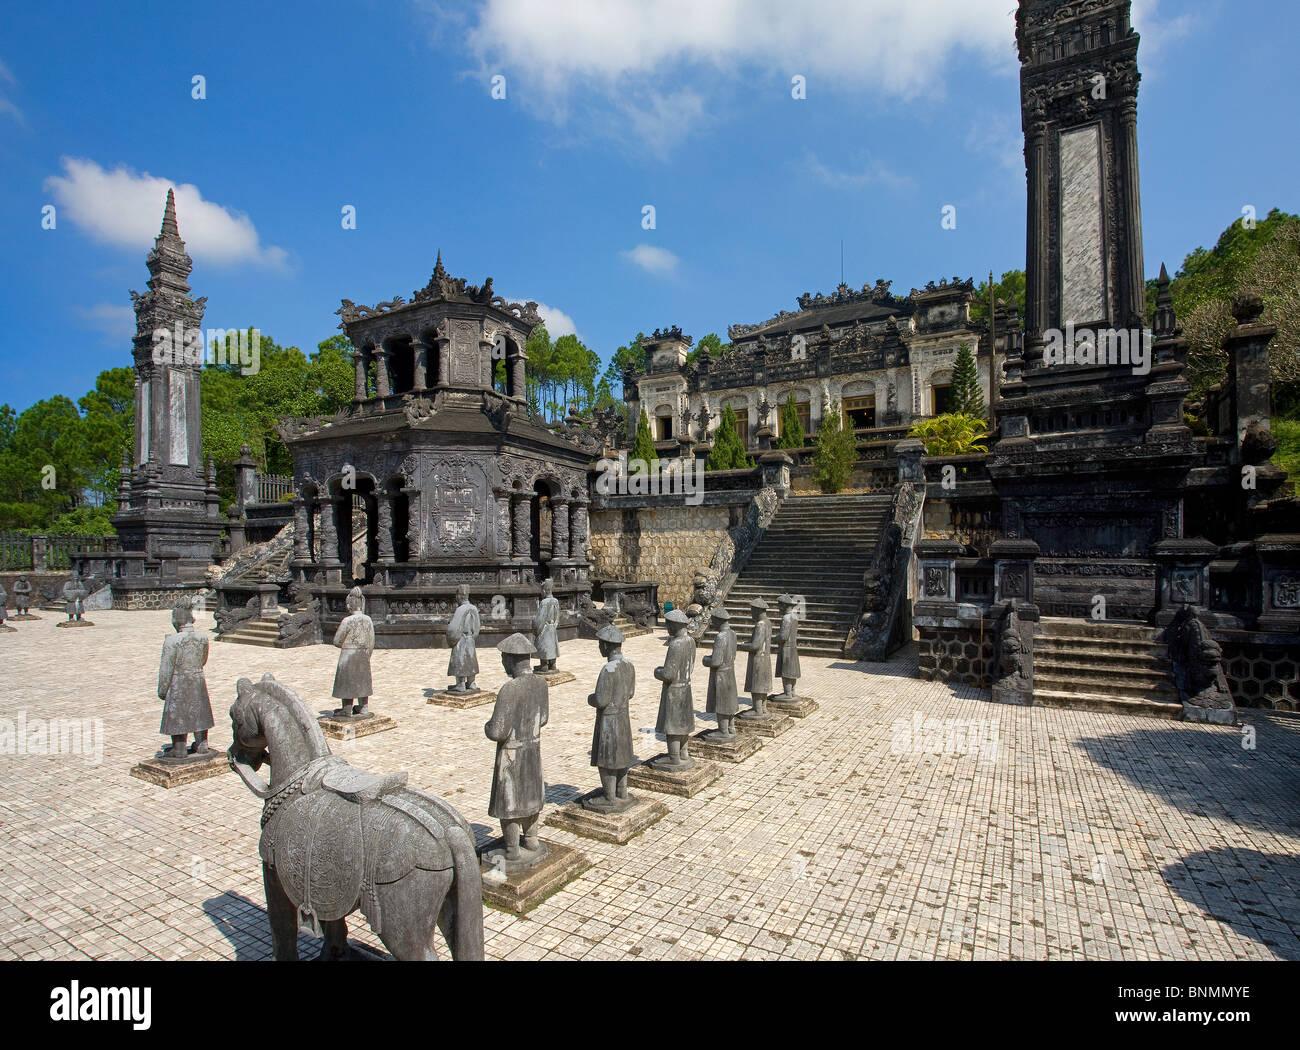 vietnam-asia-far-east-gee-up-mausoleum-k